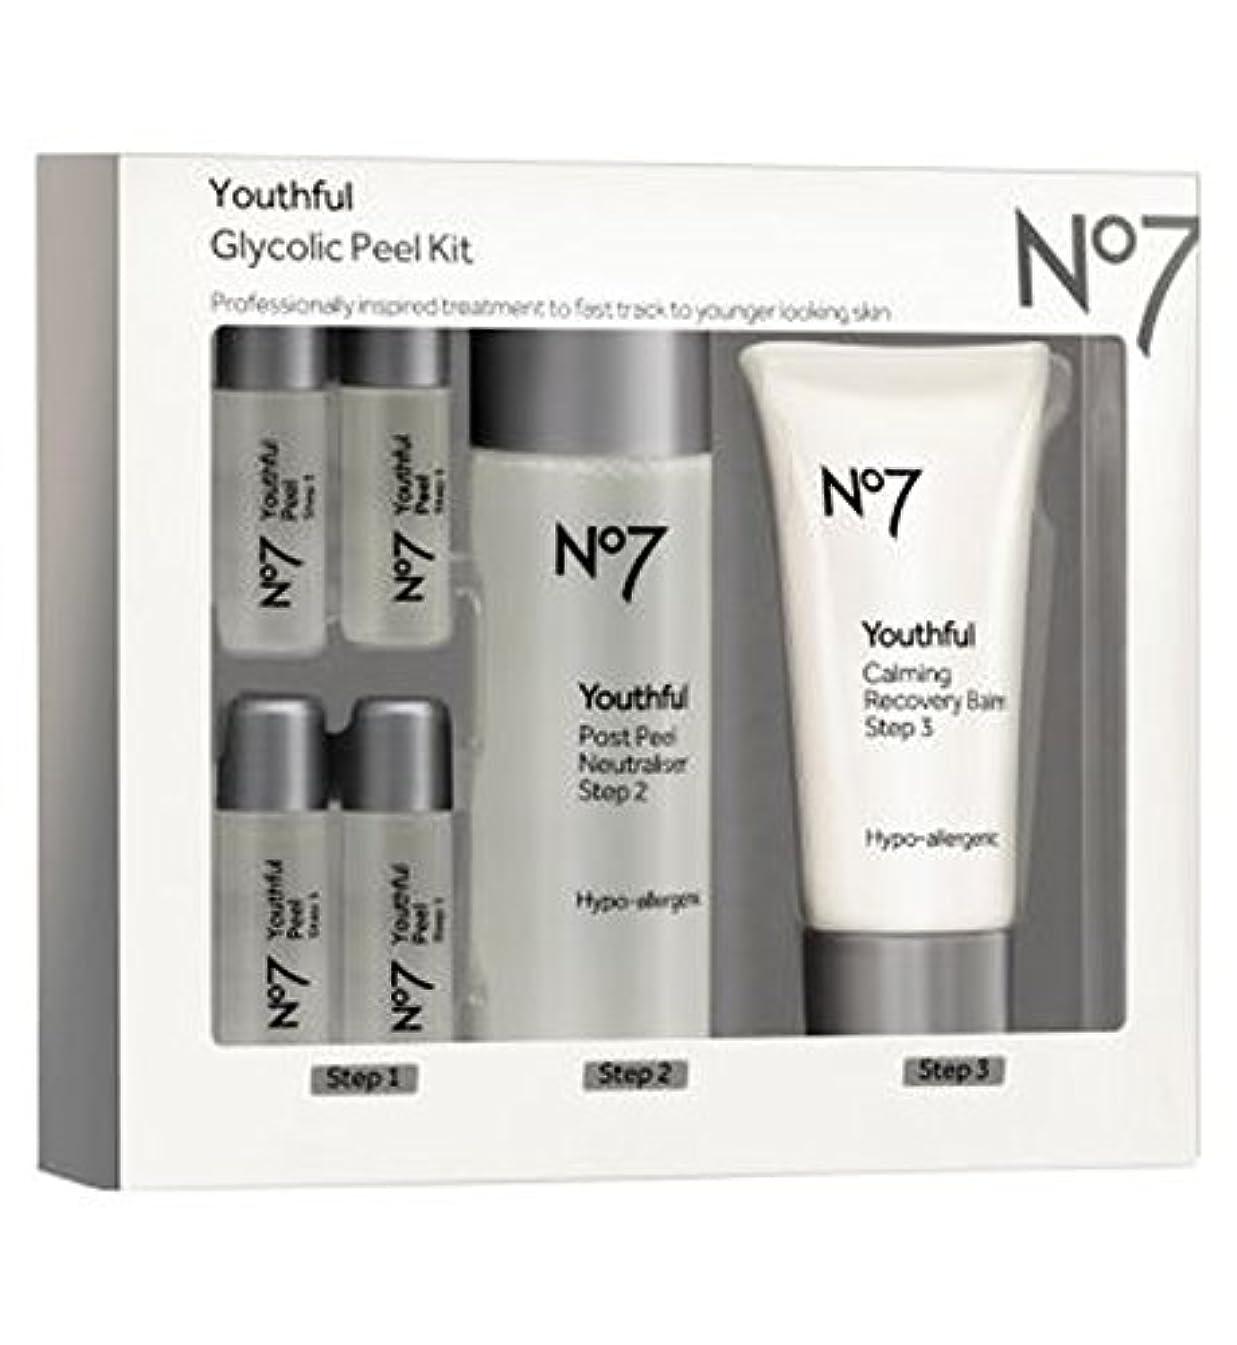 潮屈辱する手書きNo7 Youthful Glycolic Peel Kit - No7若々しいグリコールピールキット (No7) [並行輸入品]